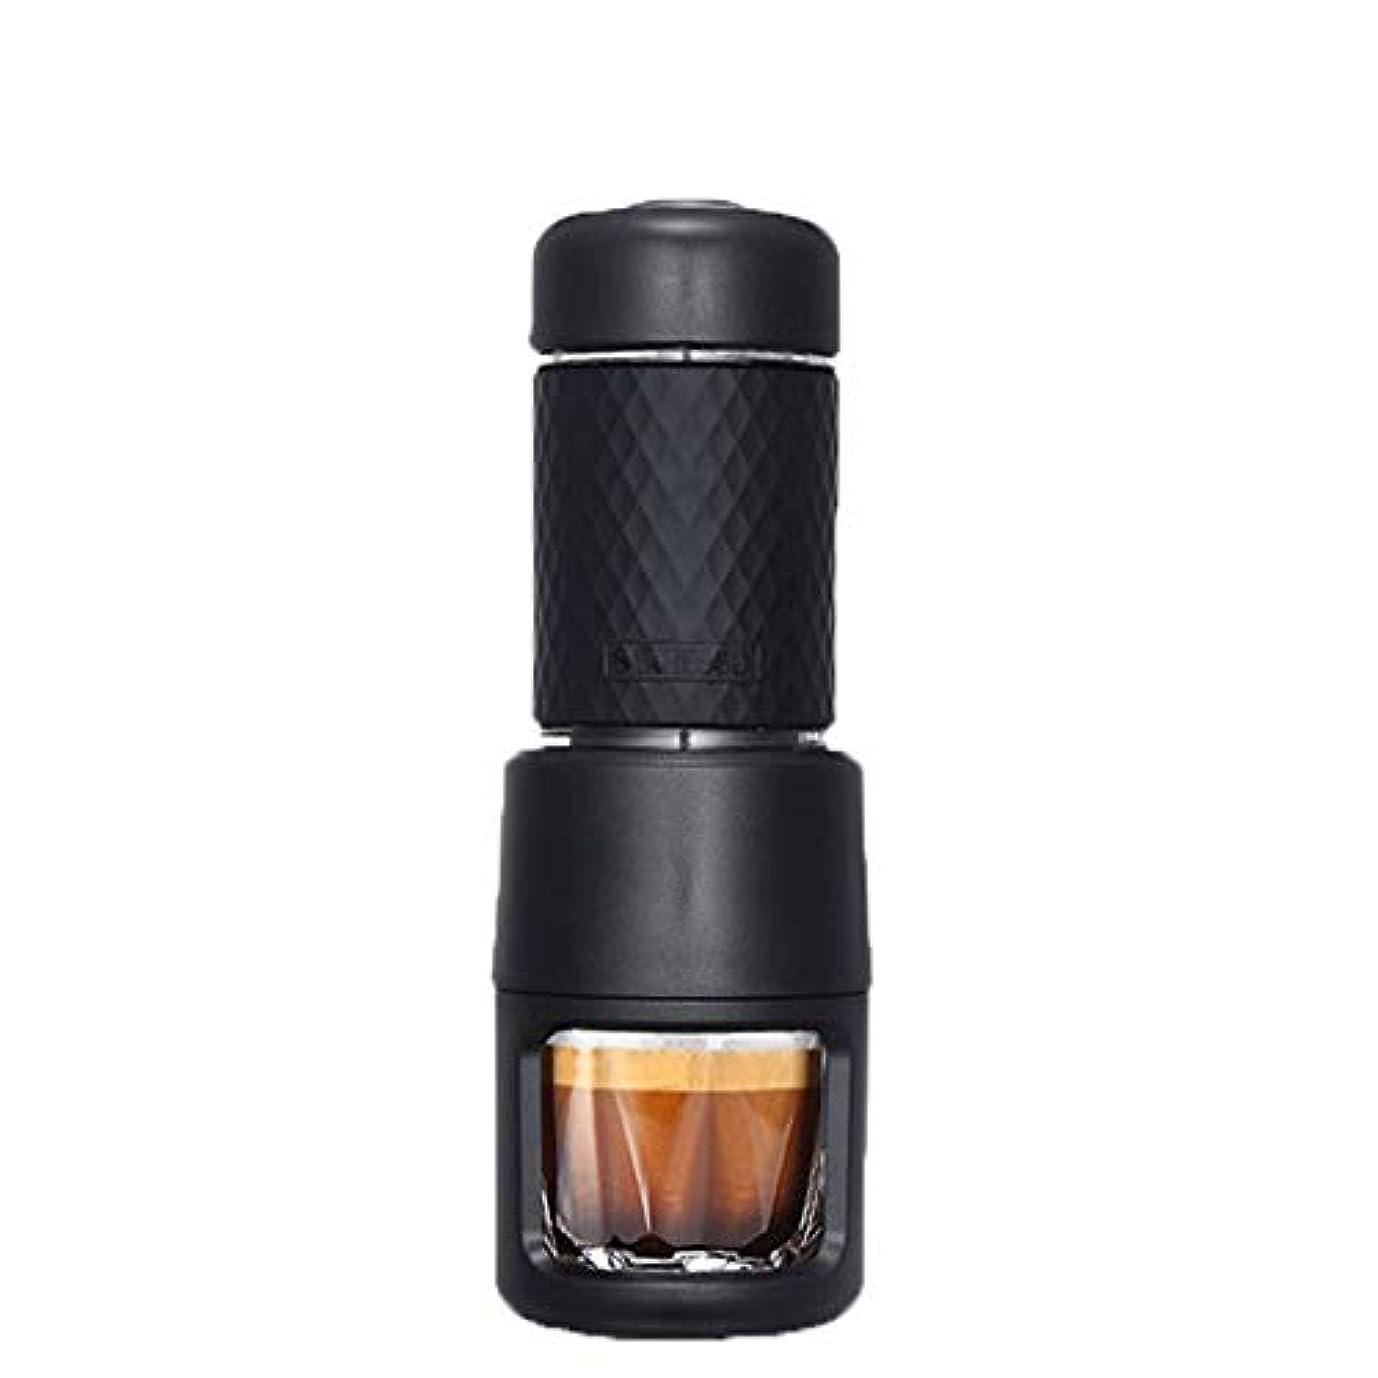 散文提出するマイクXLEVE 新しい多機能のコーヒーマシンマニュアルコーヒーマシンカプセルコーヒーマシンの高 (Color : A)